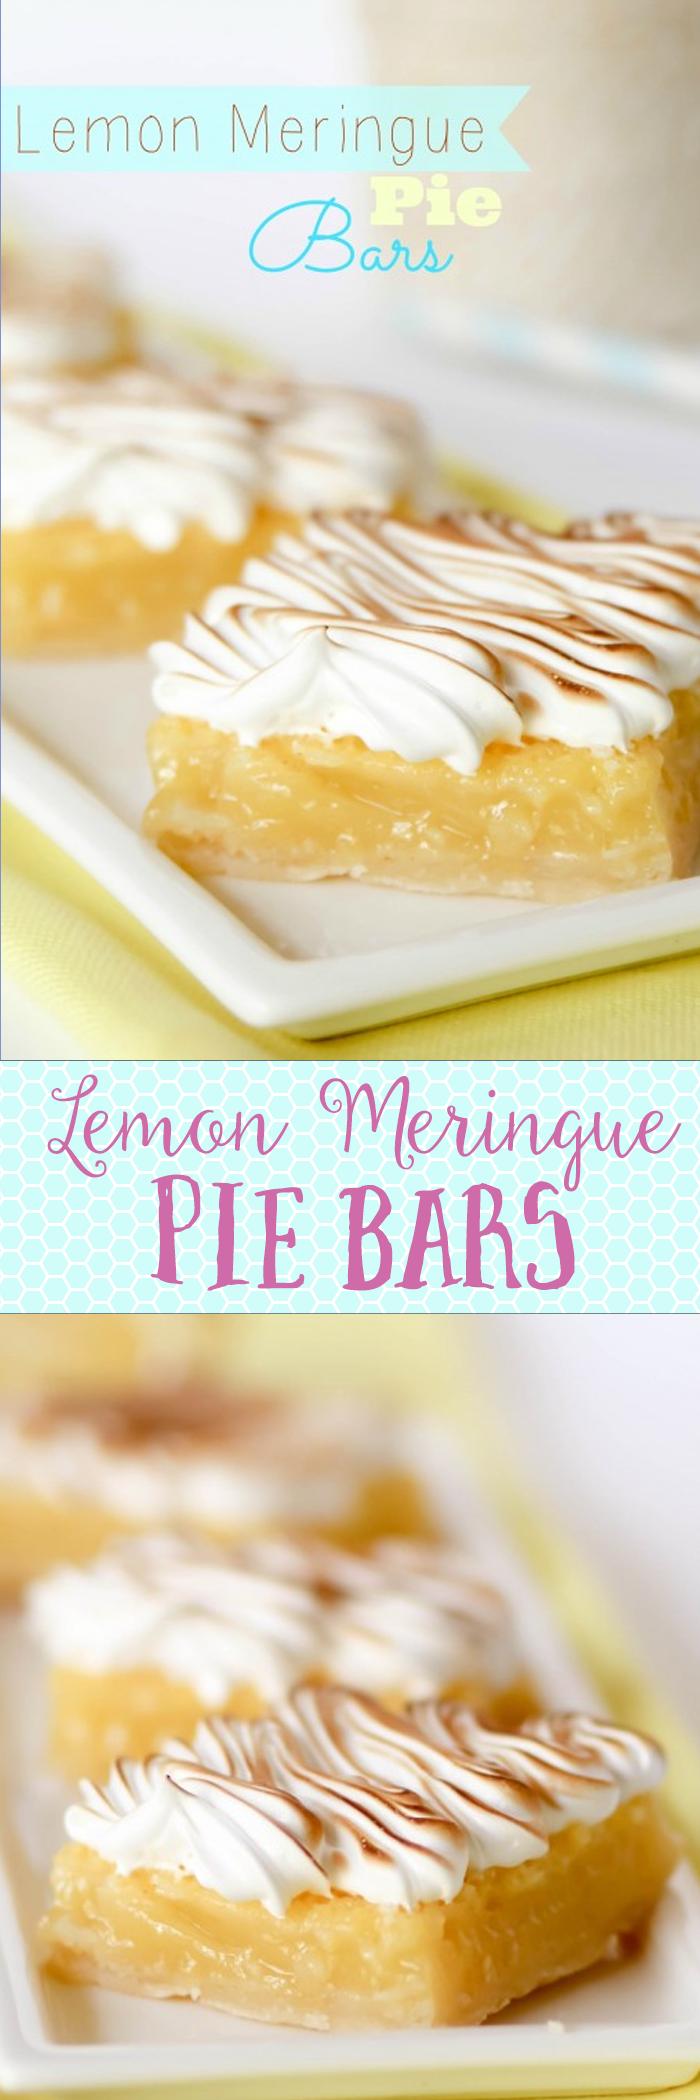 Lemon Meringue Pie Bars - a great alternative to pie. Handheld, easier to eat, etc. These always get rave reviews. Lemon Meringue Pie Bars - a great alternative to pie. Handheld, easier to eat, etc. These always get rave reviews.